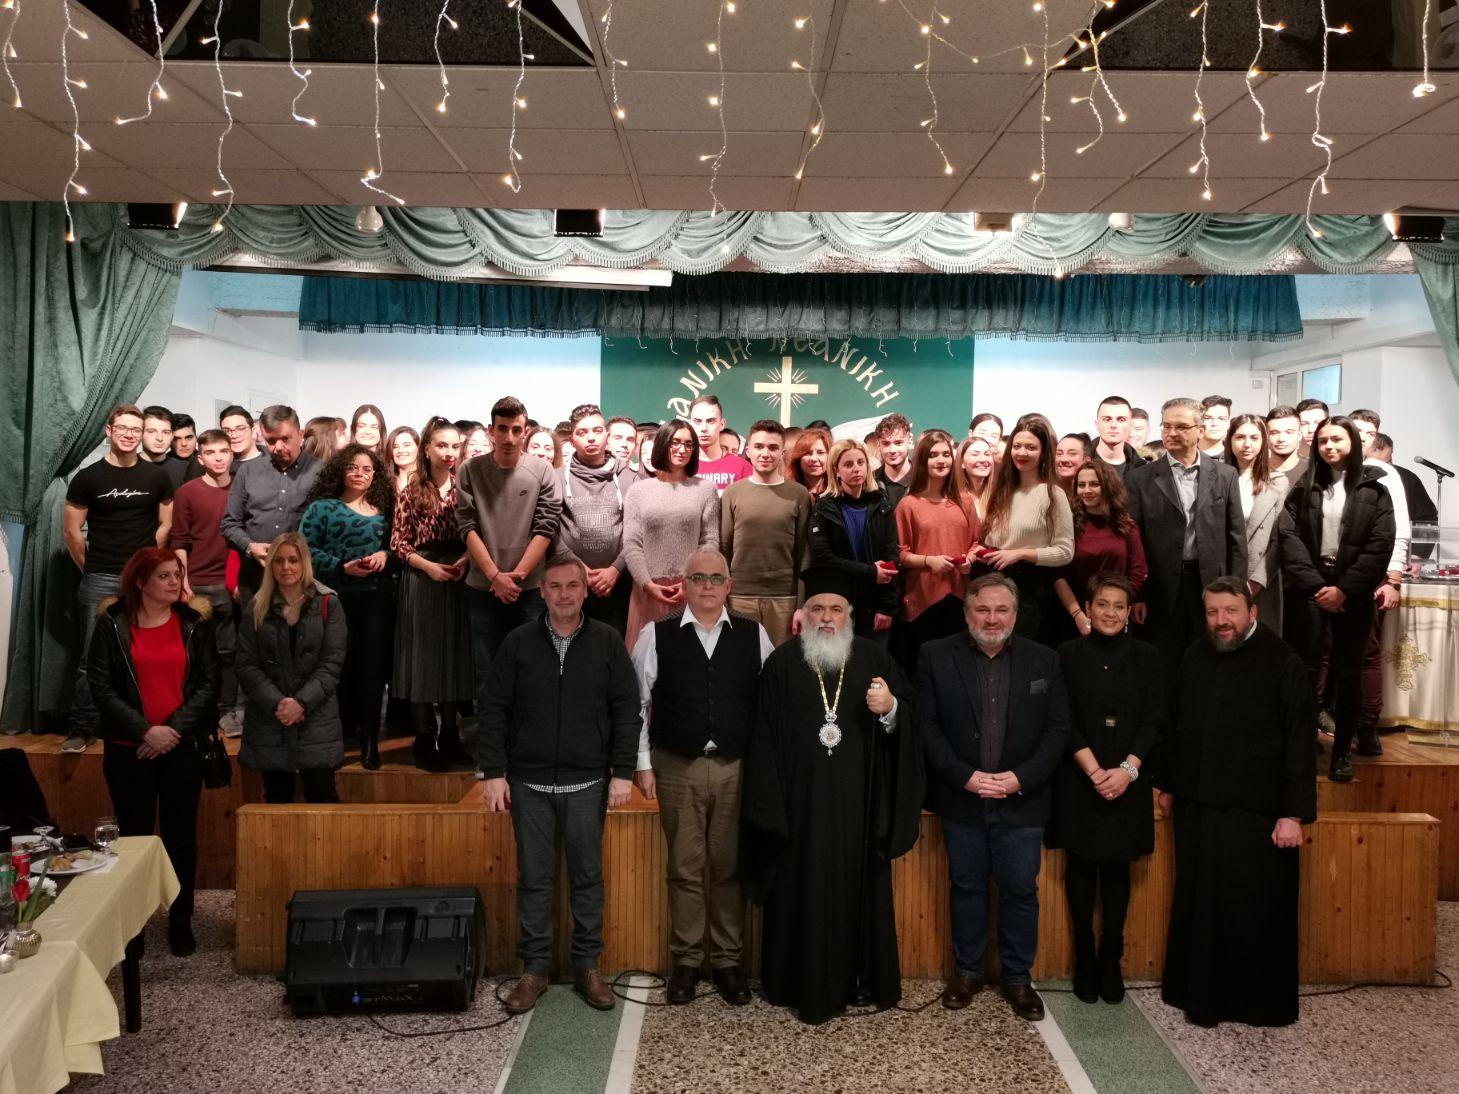 Βράβευση των νέων φοιτητών προς τιμήν των Αγίων Τριών Ιεραρχών